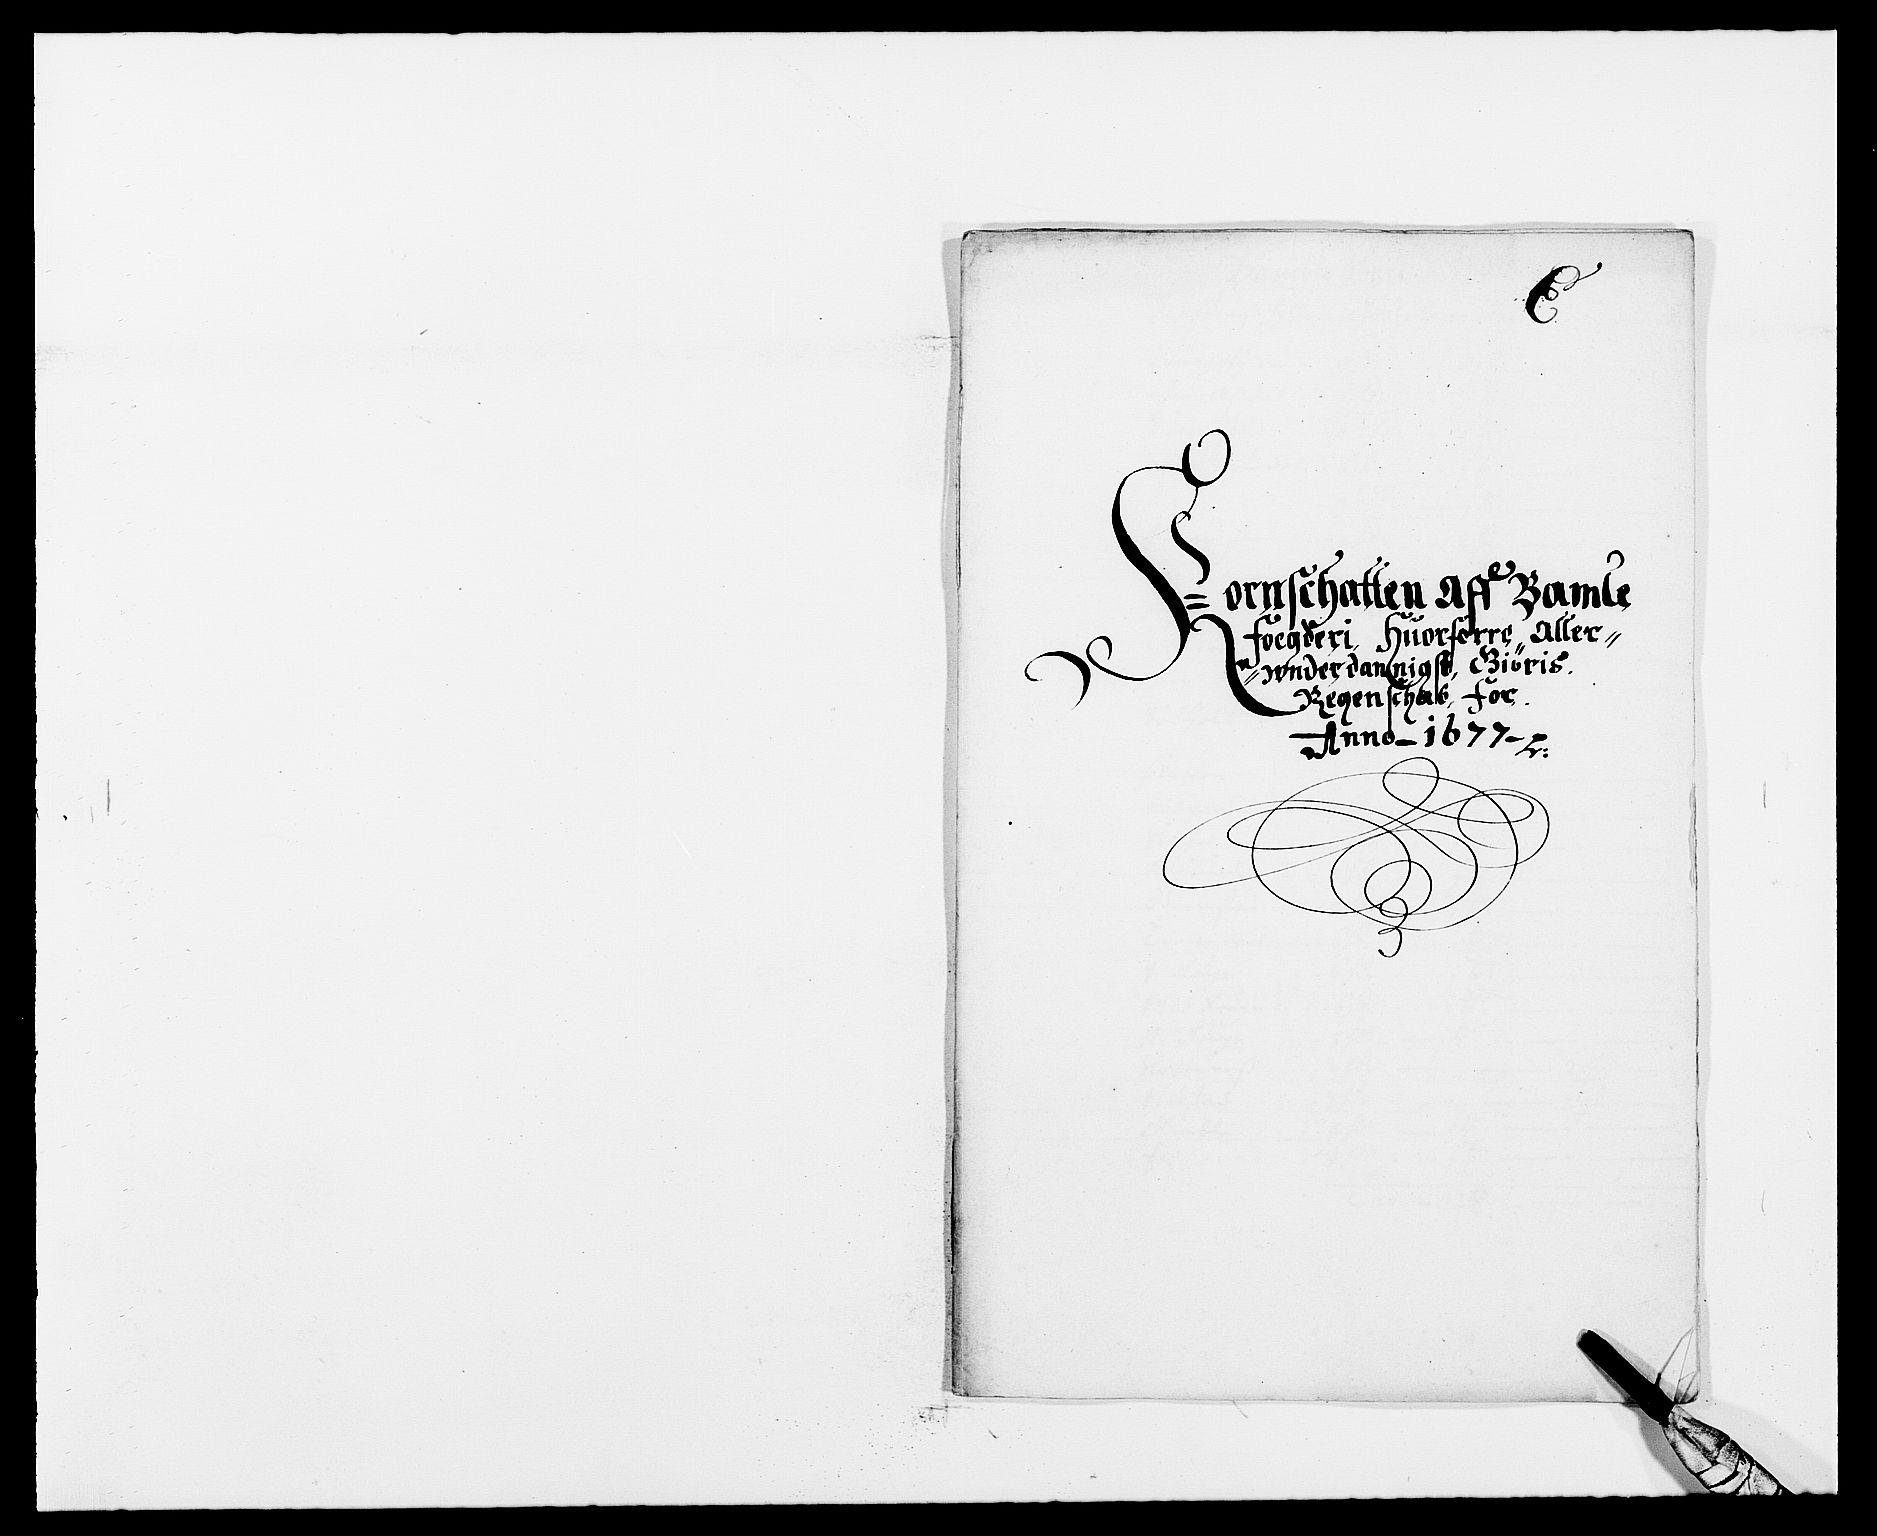 RA, Rentekammeret inntil 1814, Reviderte regnskaper, Fogderegnskap, R34/L2043: Fogderegnskap Bamble, 1676-1677, s. 310